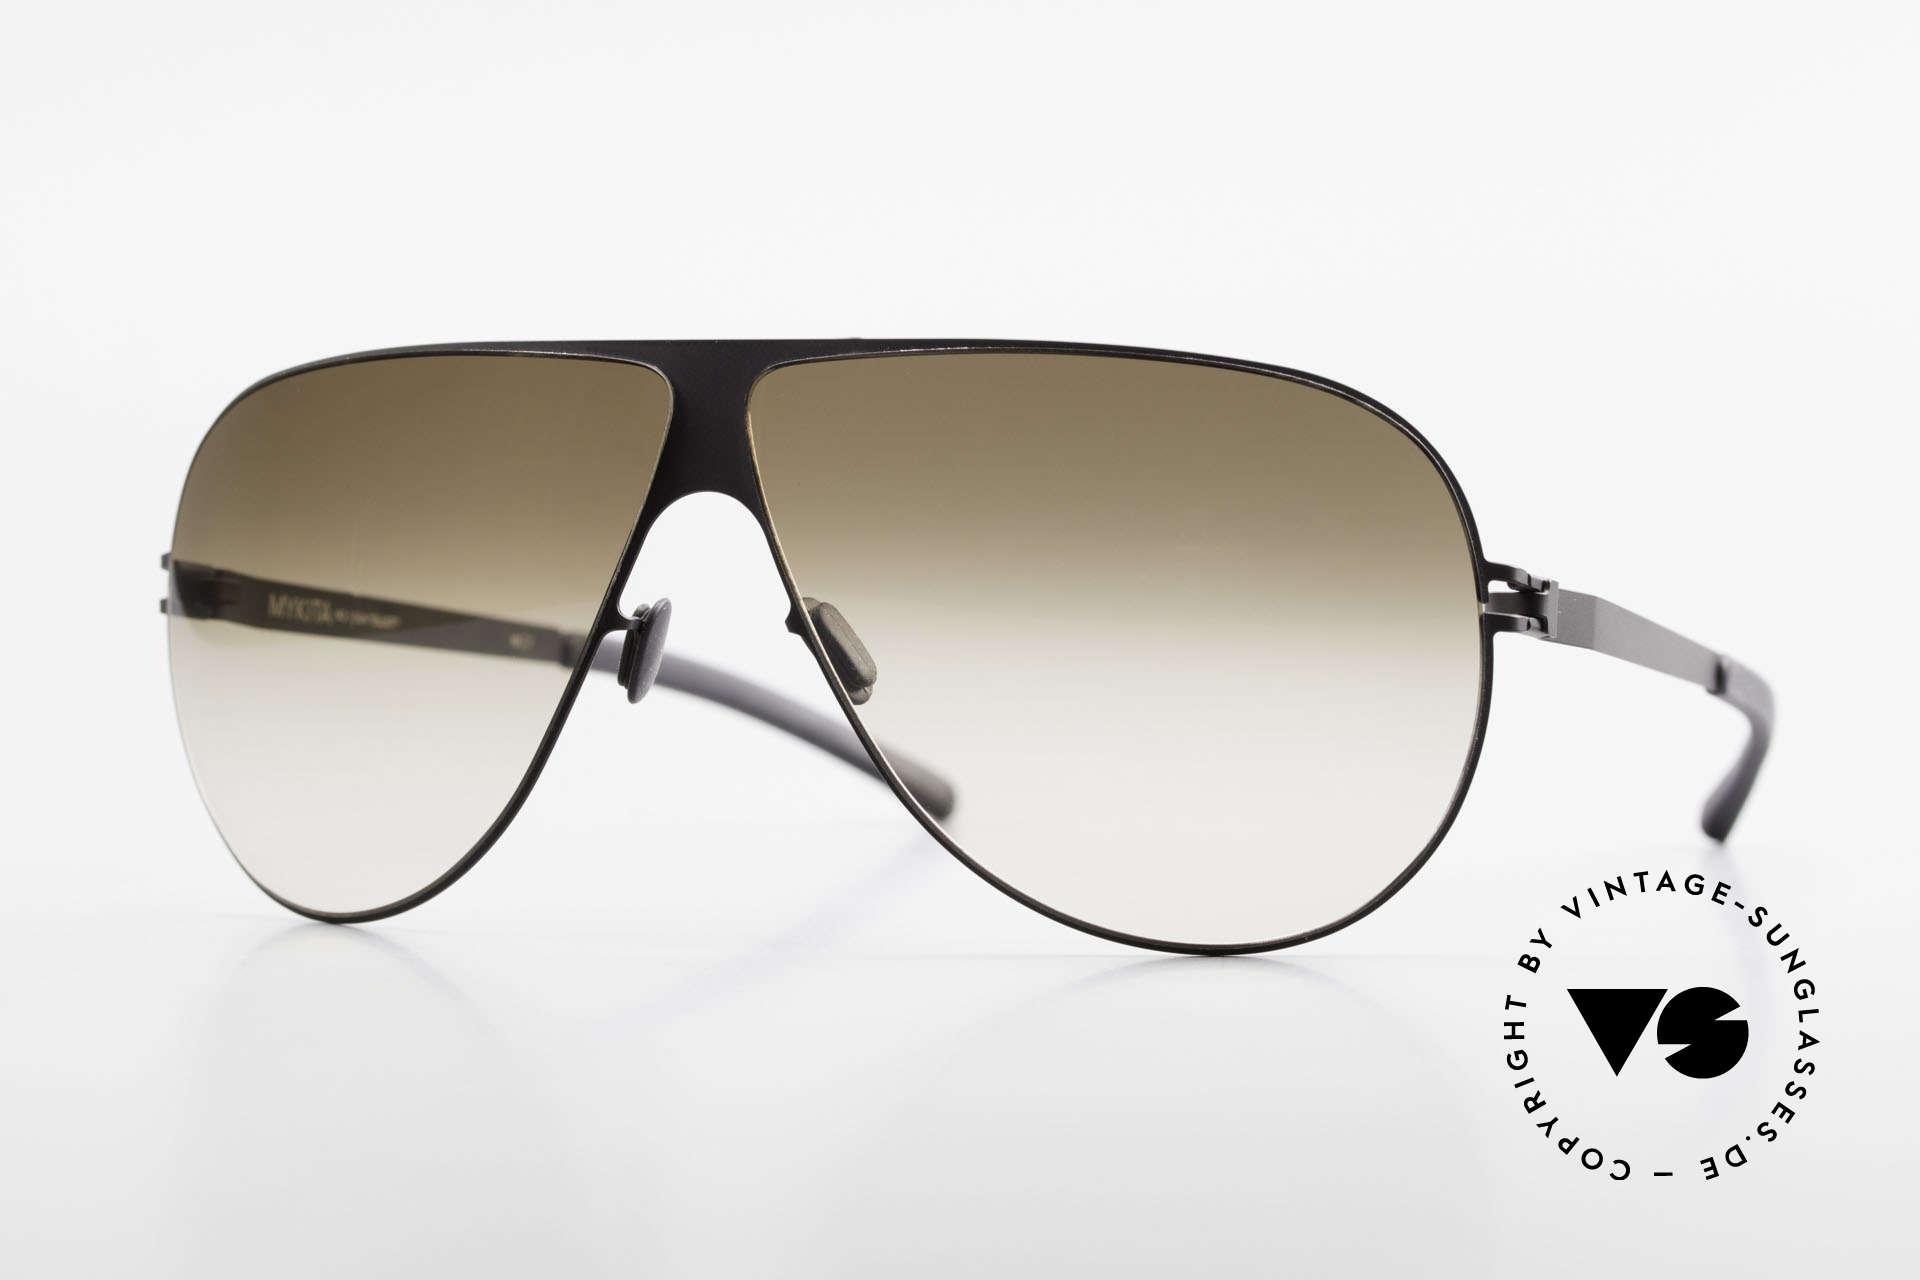 Mykita Elliot Mykita Tom Cruise Sonnenbrille, orig. vintage Tom Cruise Mykita Sonnenbrille von 2011, Passend für Herren